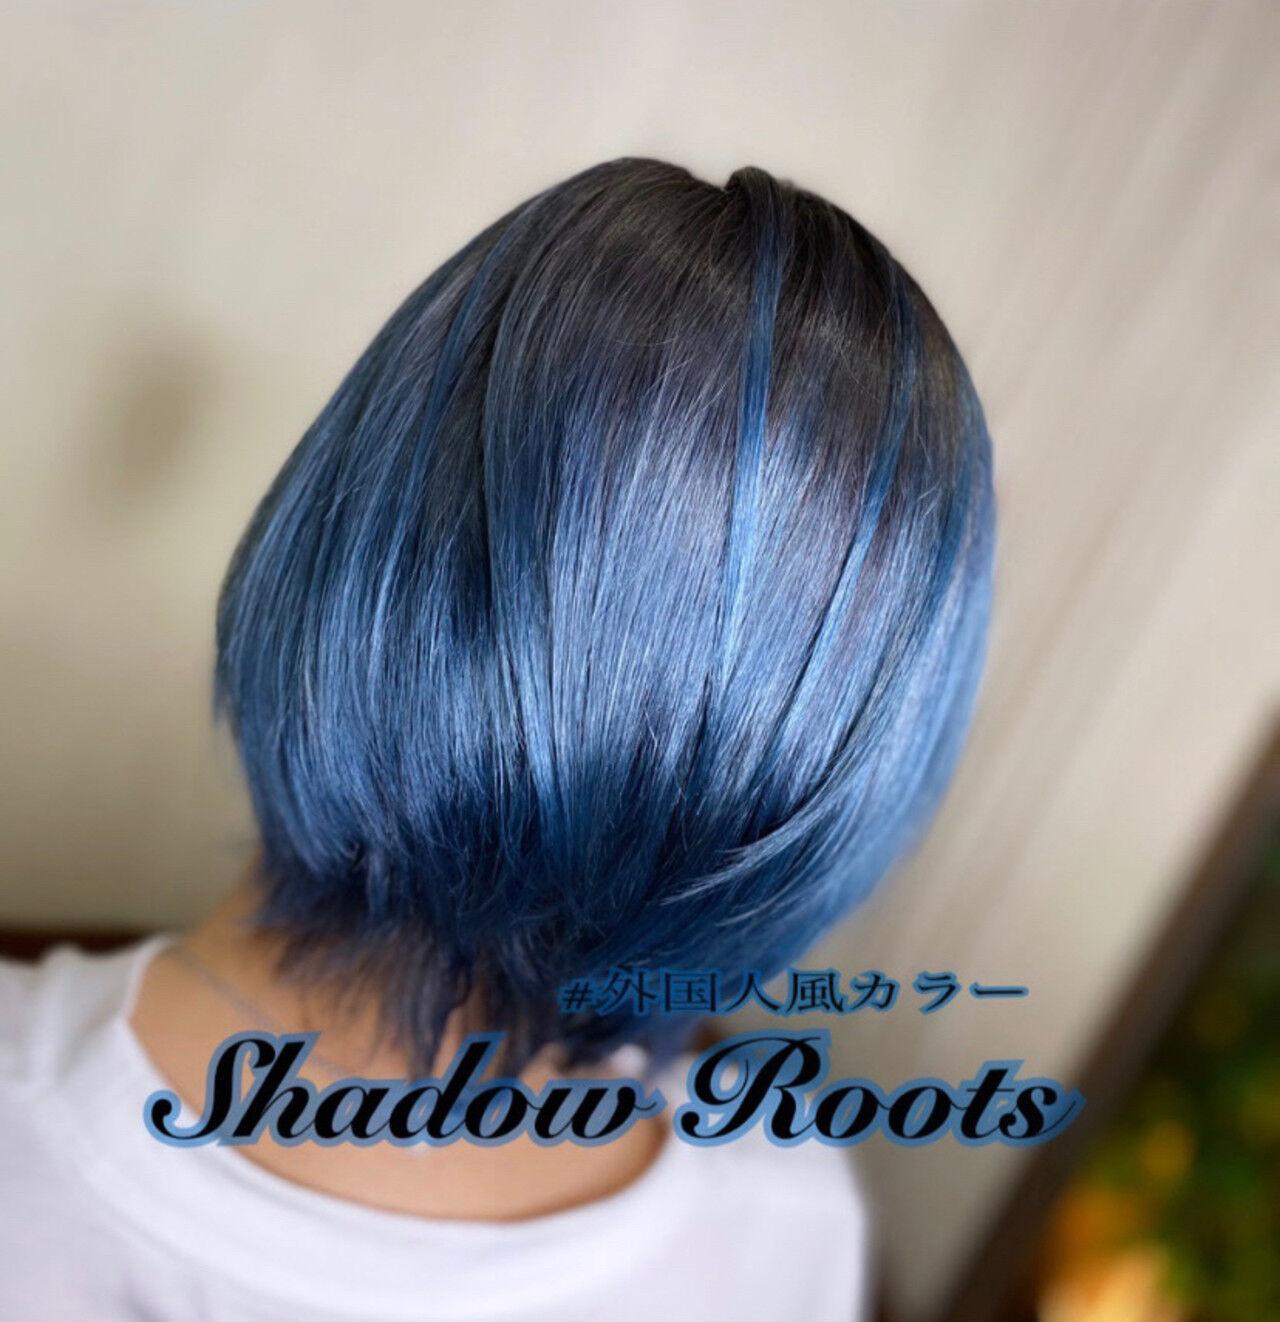 モード ショートヘア グラデーションカラー ボブヘアスタイルや髪型の写真・画像